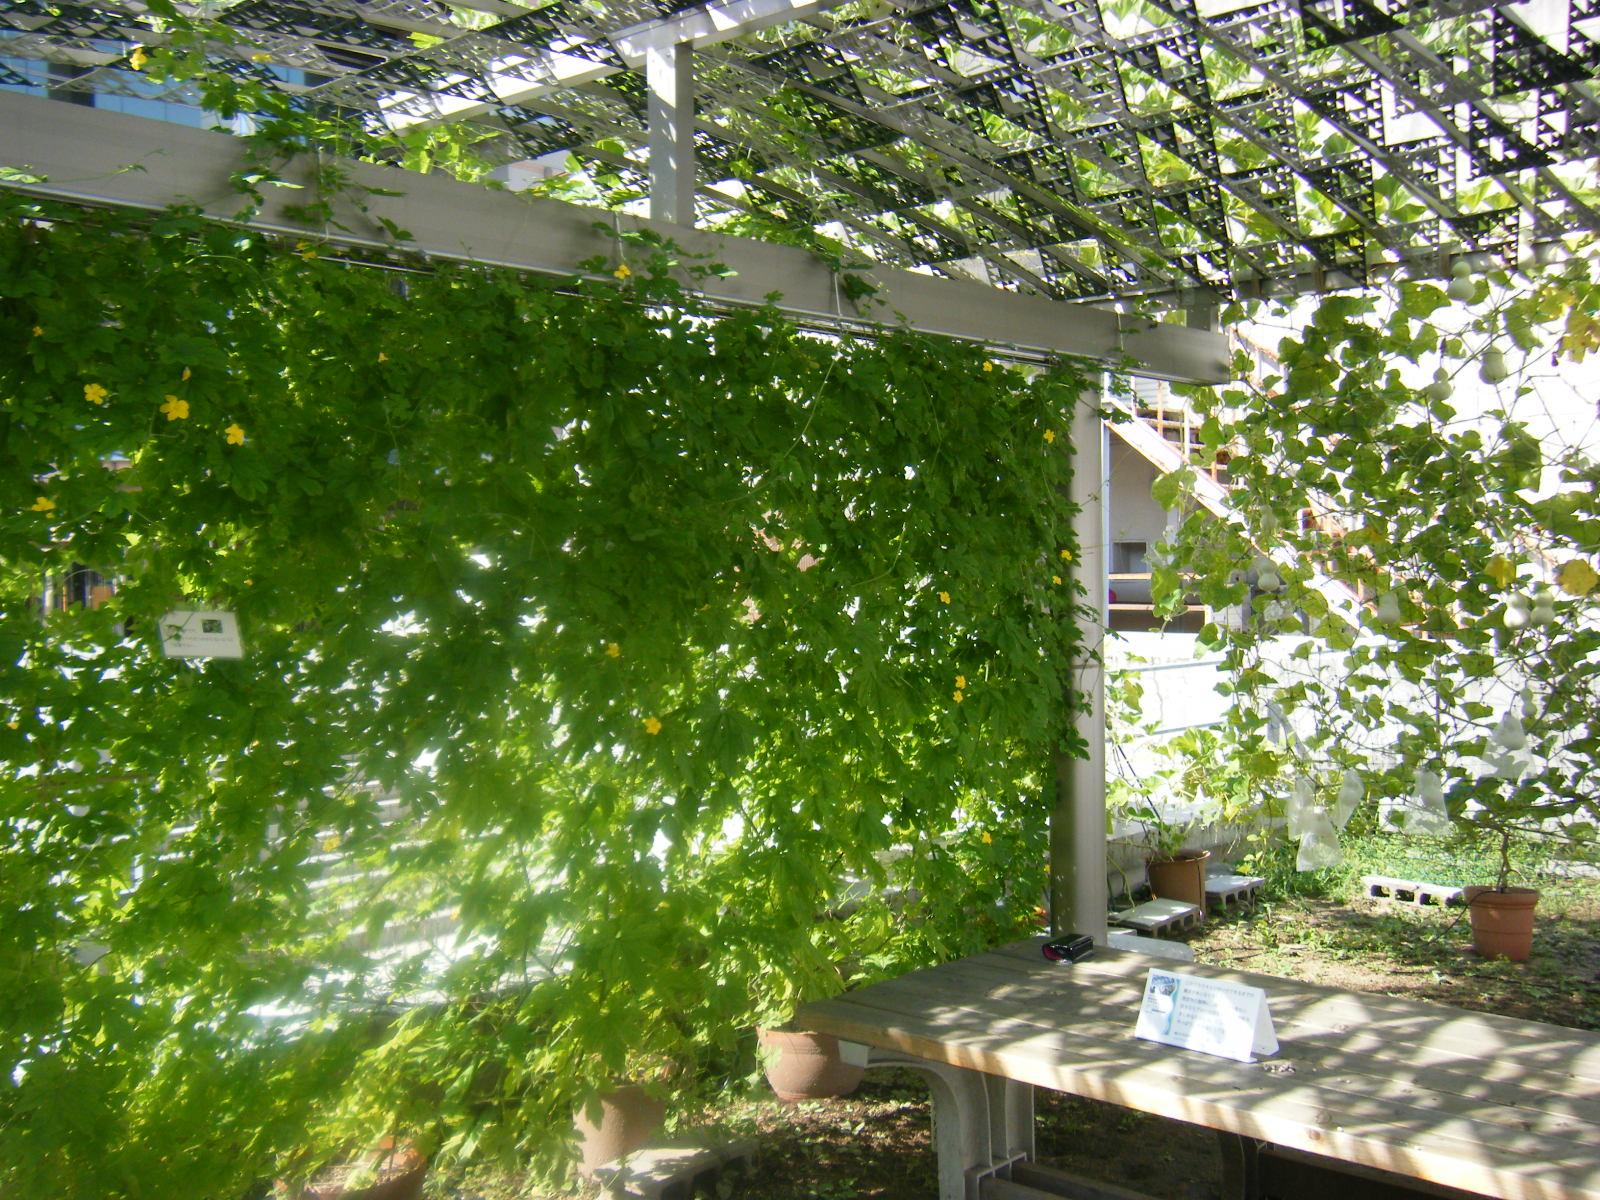 ゴーヤの「摘心」をして立派なグリーンカーテンを作ってみよう!のサムネイル画像